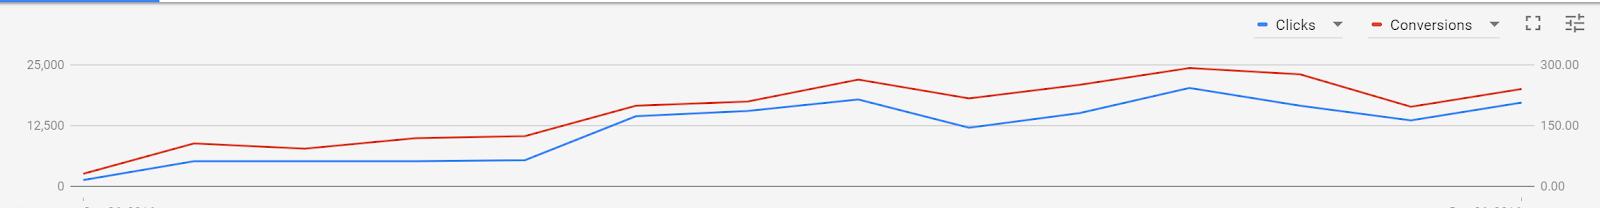 Google Adwords clicks conversions